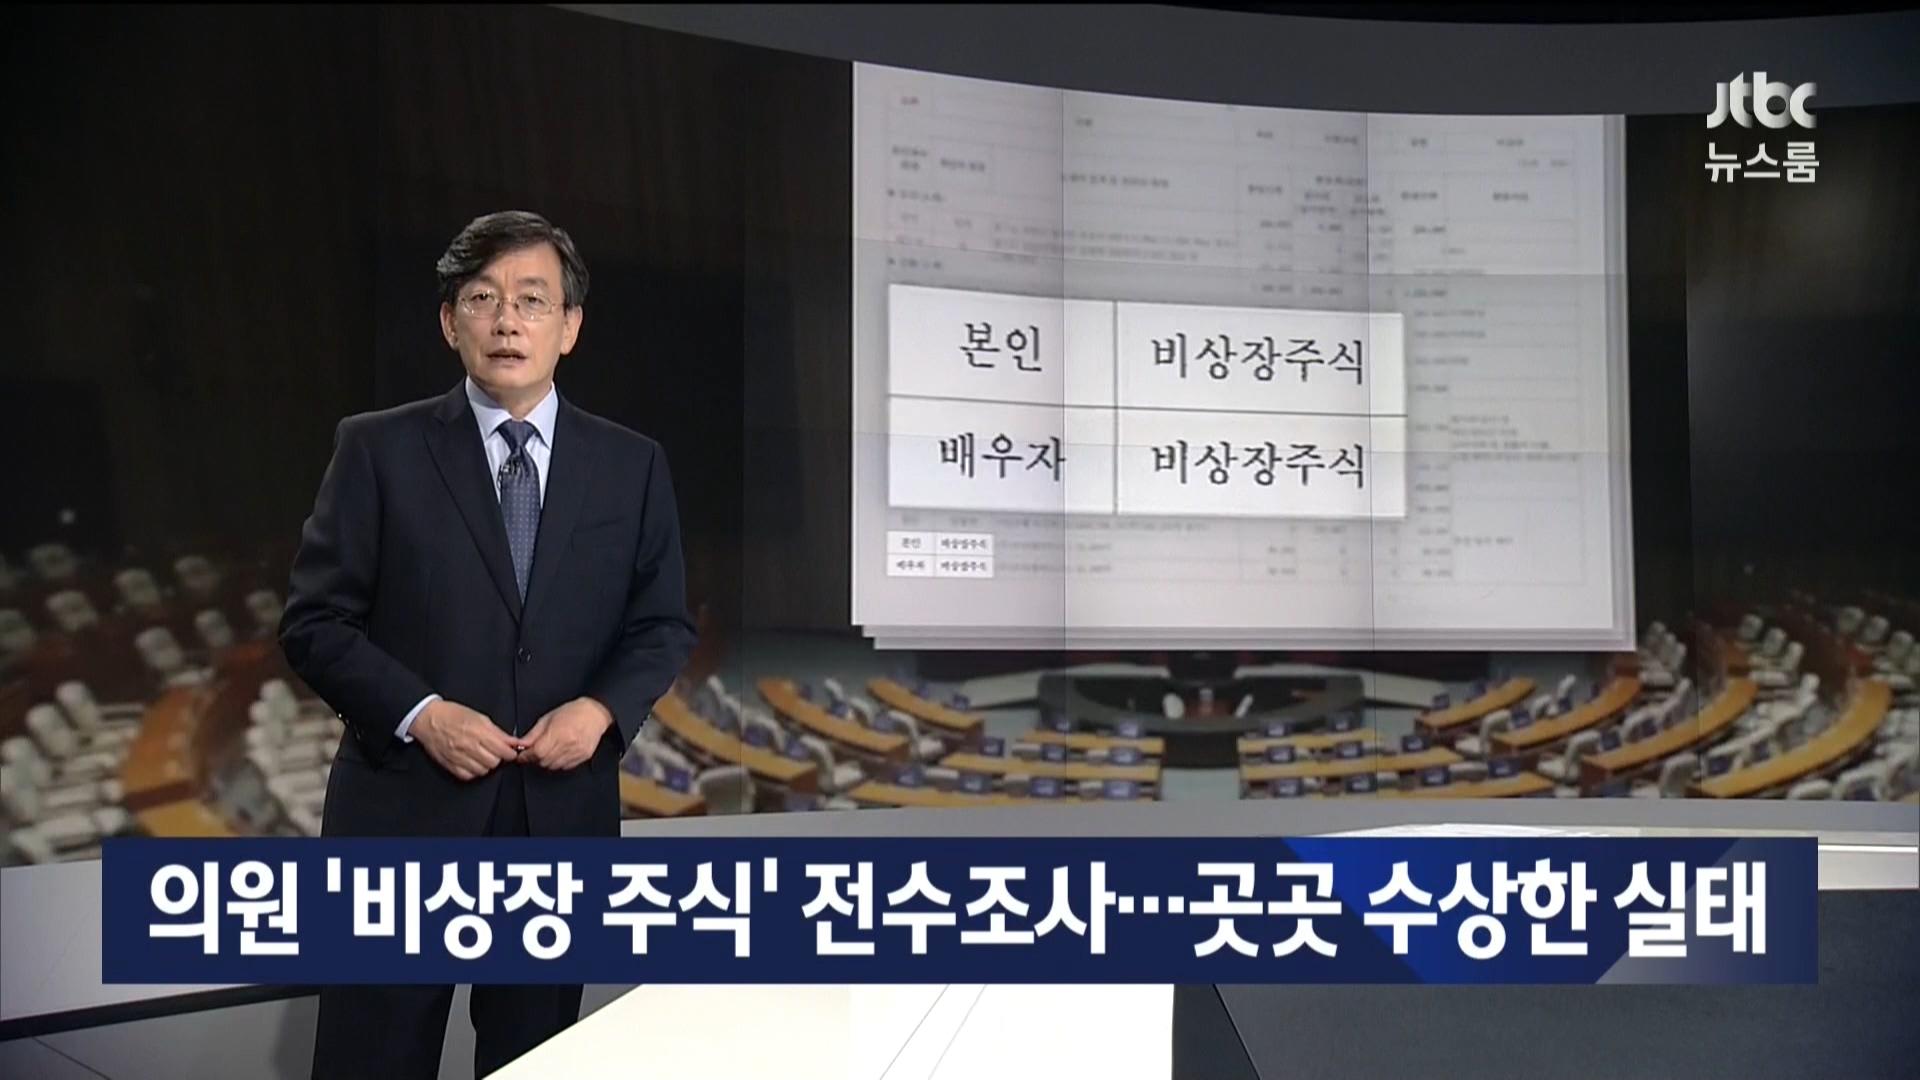 JTBC 비상장주식(7월 좋은 보도 방송부문).jpg